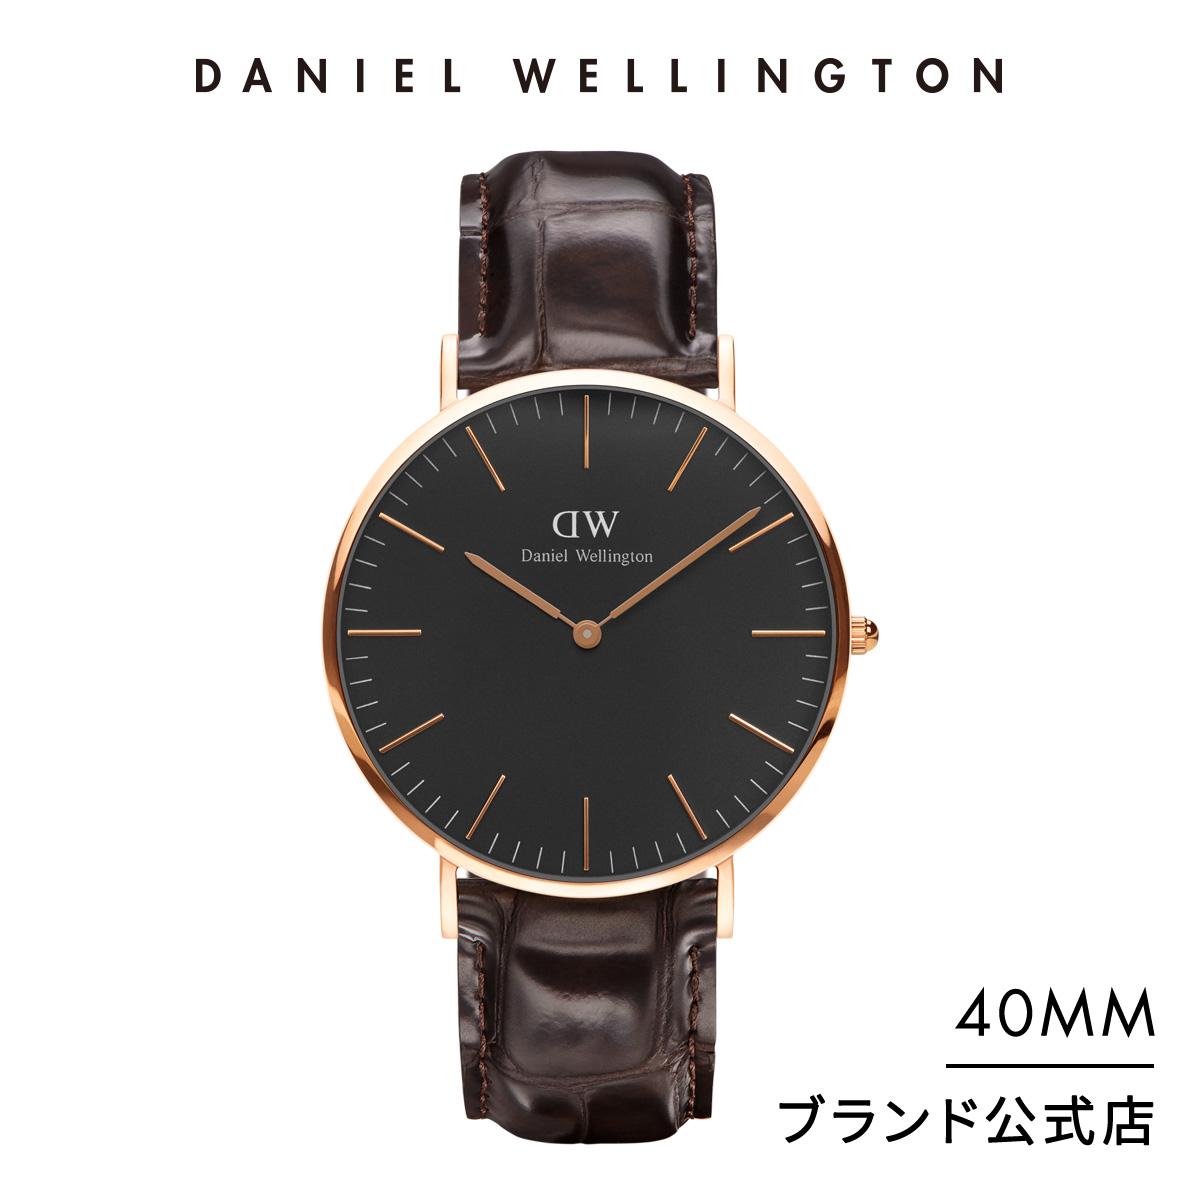 【公式2年保証/送料無料】ダニエルウェリントン公式 メンズ 腕時計 Classic Black York 40mm 革 ベルト クラシック ブラック ヨーク DW プレゼント おしゃれ インスタ映え ブランド 彼女 彼氏 ペアスタイルに最適 ウォッチ 母の日